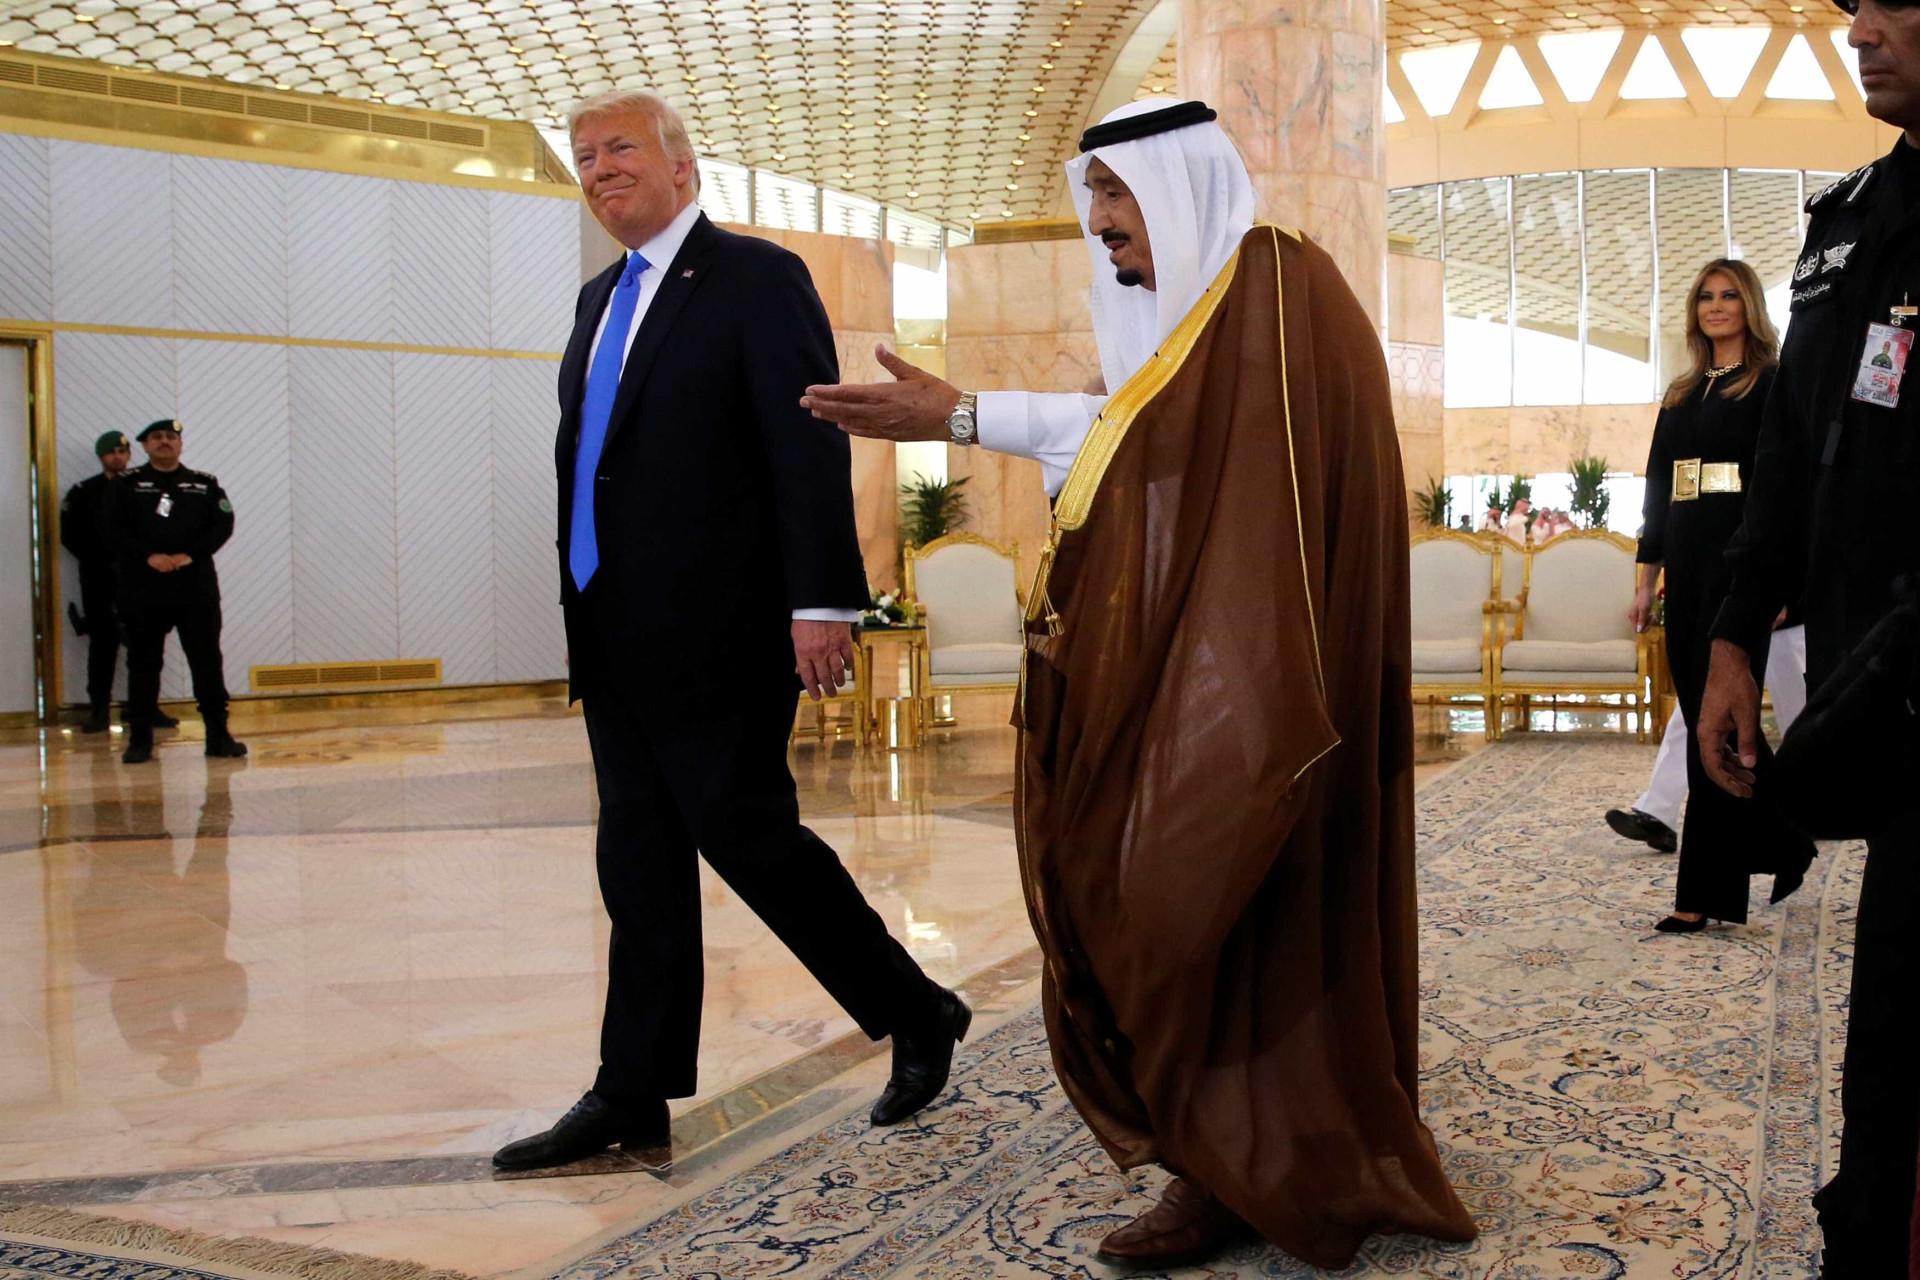 Trump recebido em Riade com honras militares pelo rei Salman